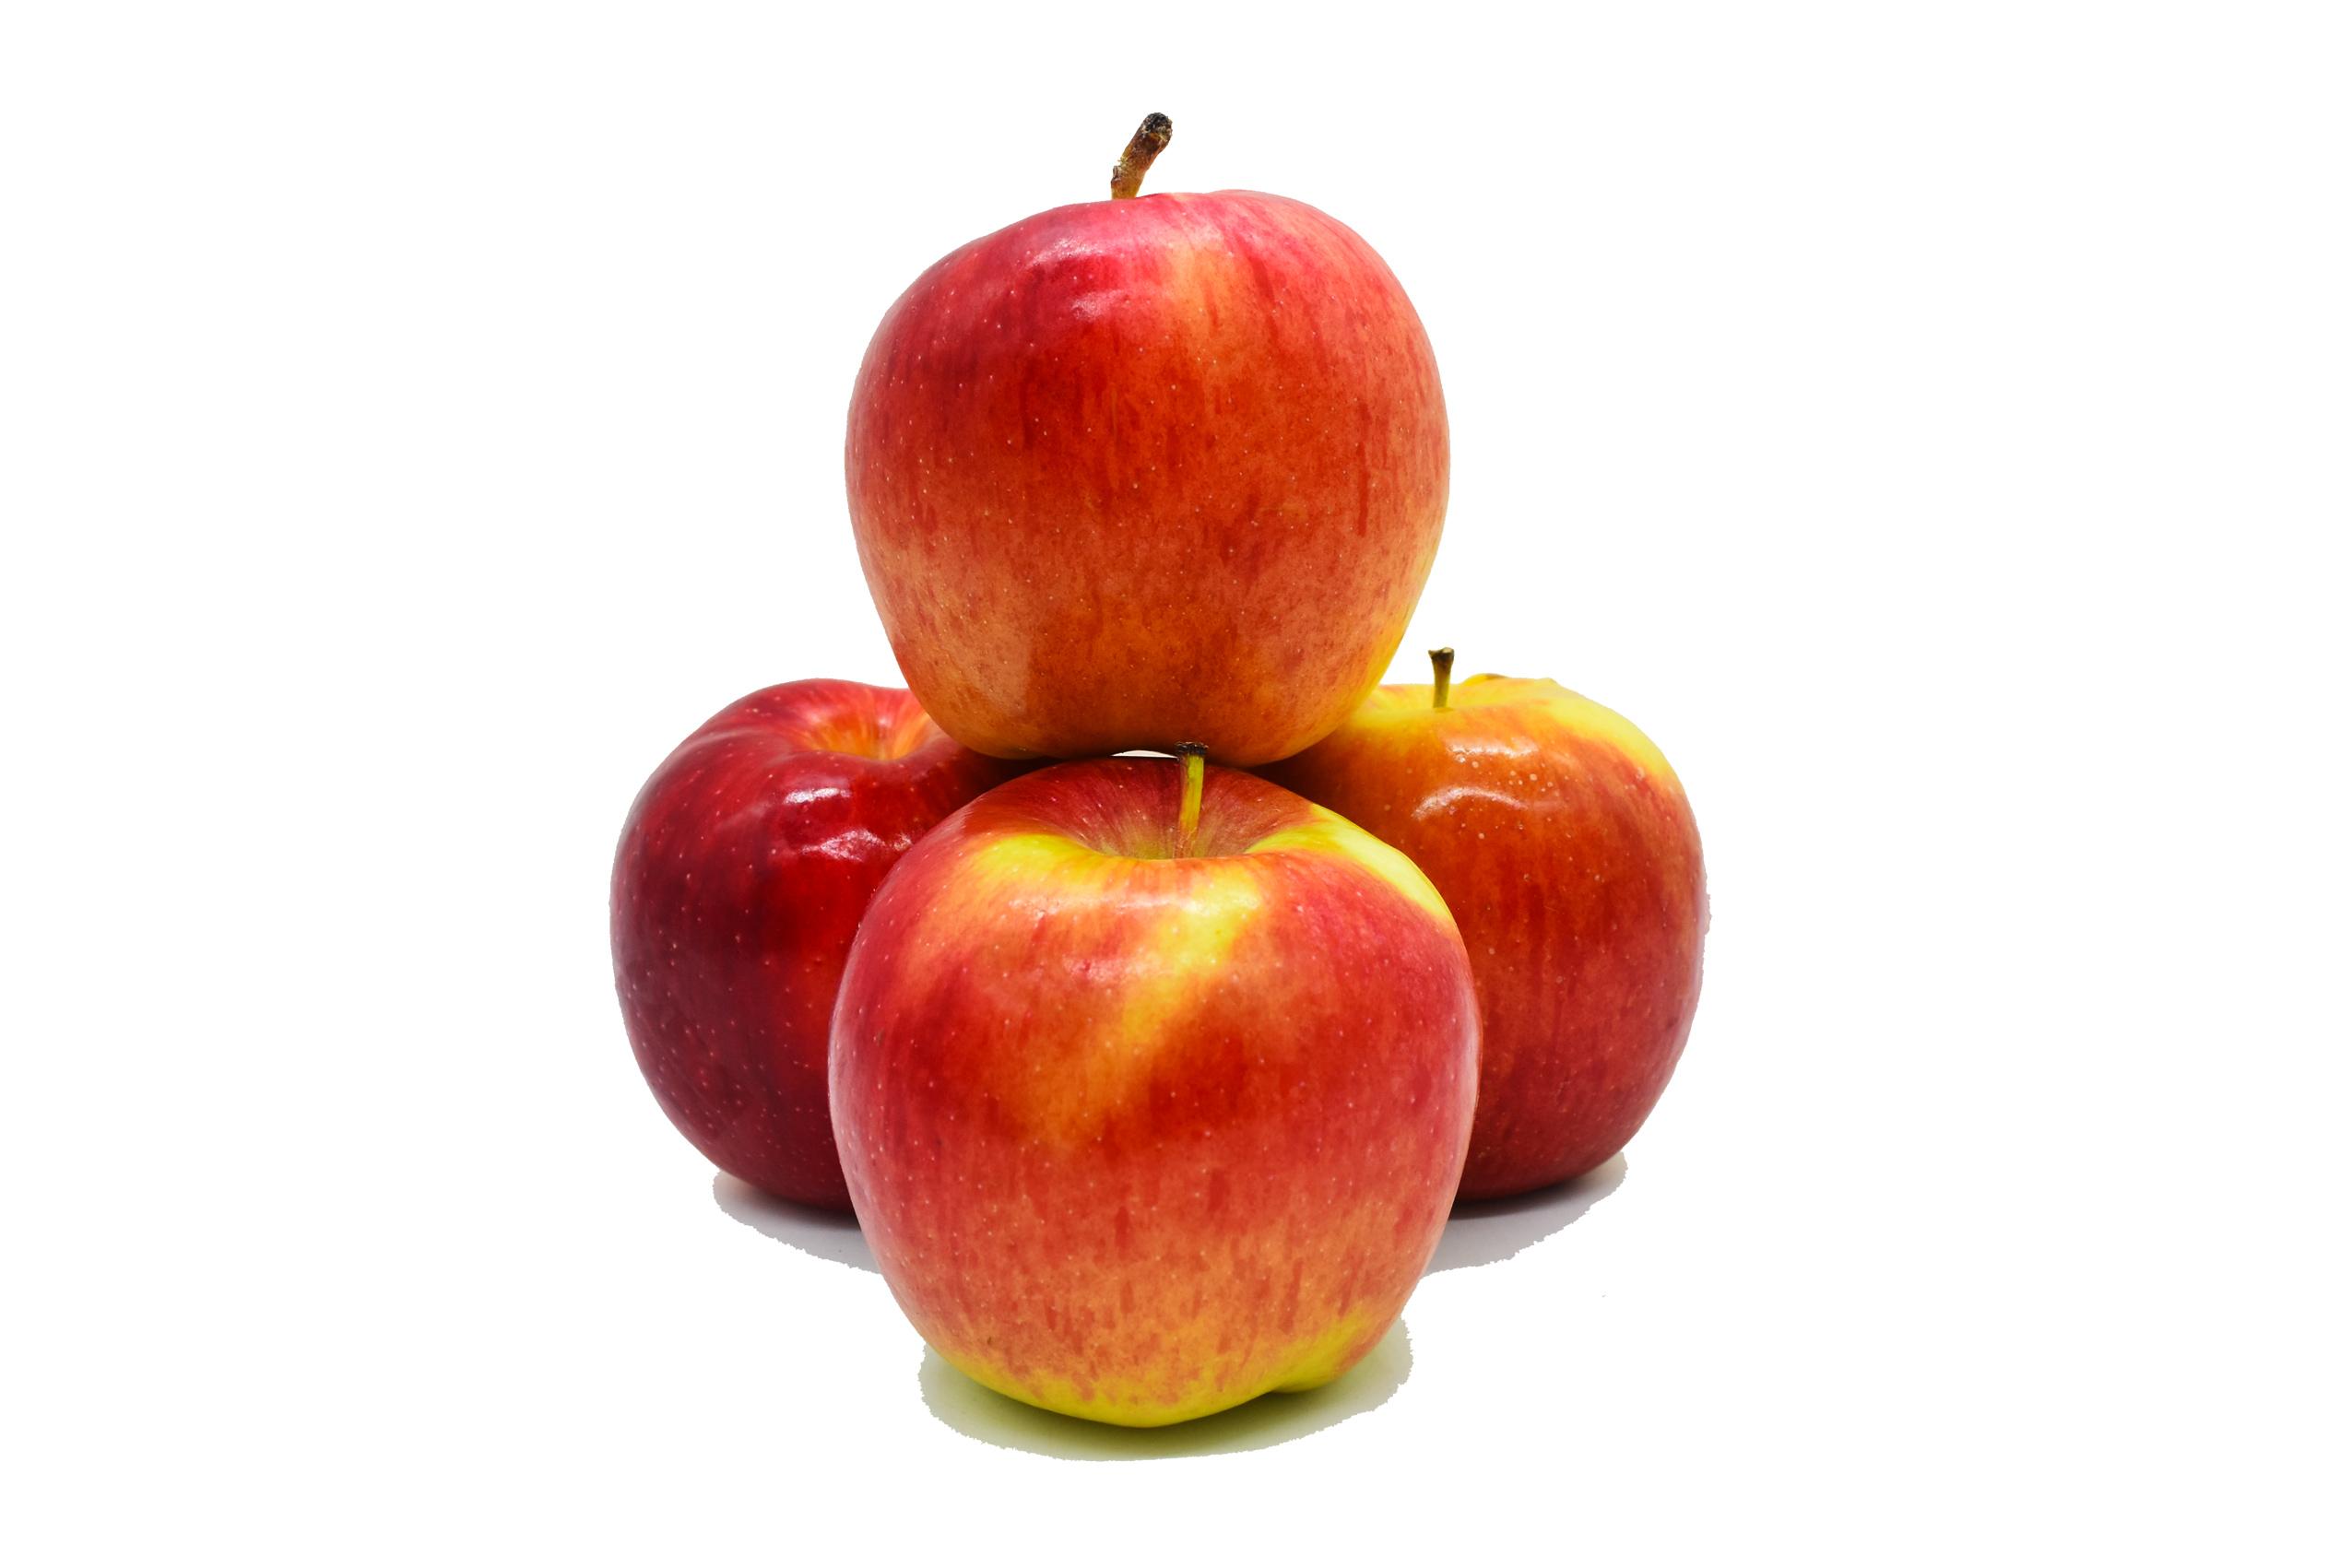 apple-ambrosia-USA